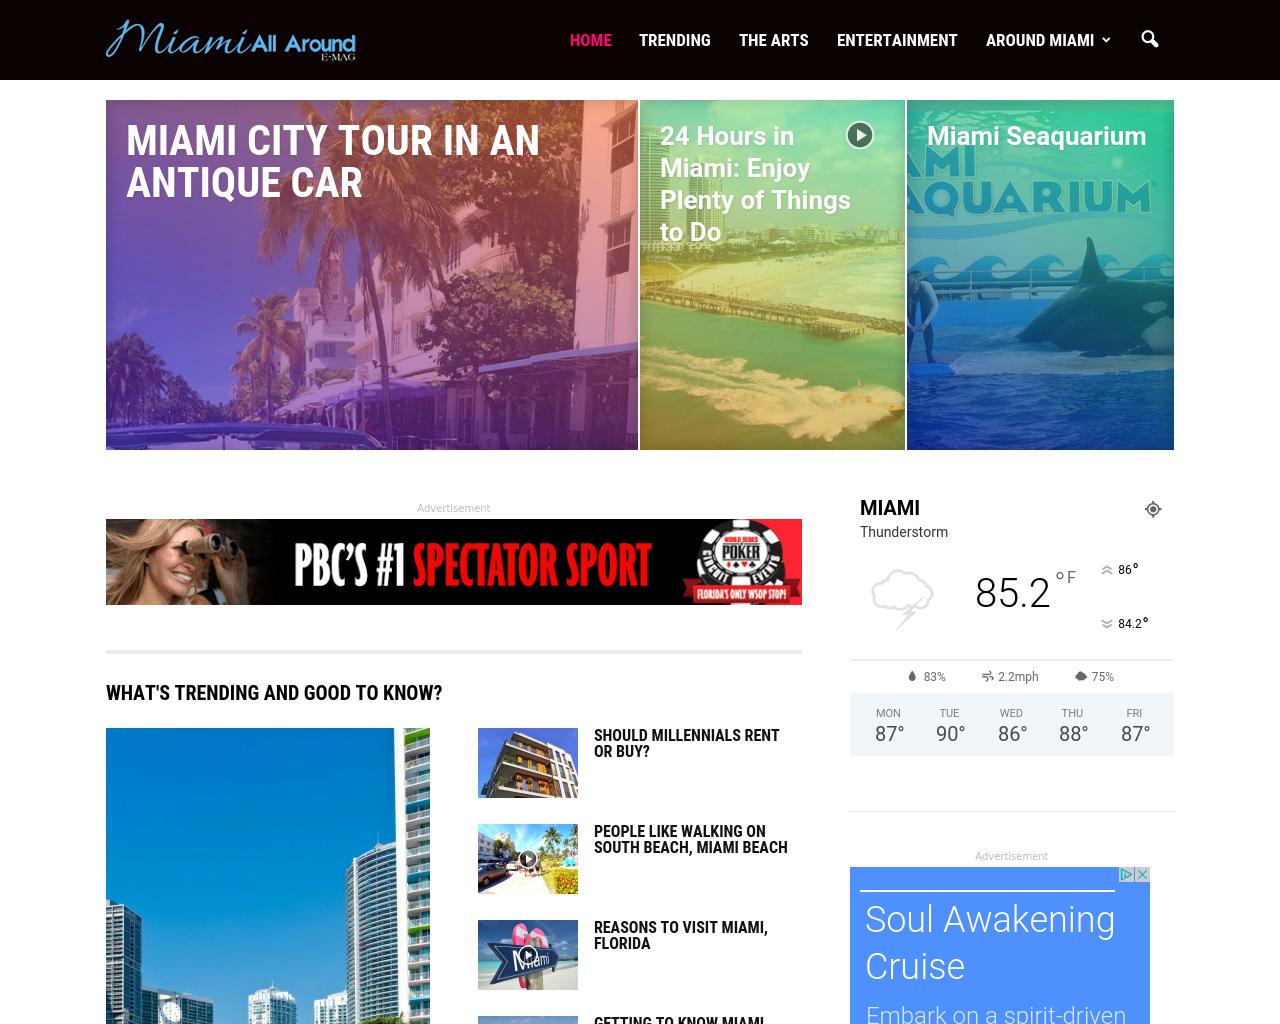 Miami-All-Around-Advertising-Reviews-Pricing